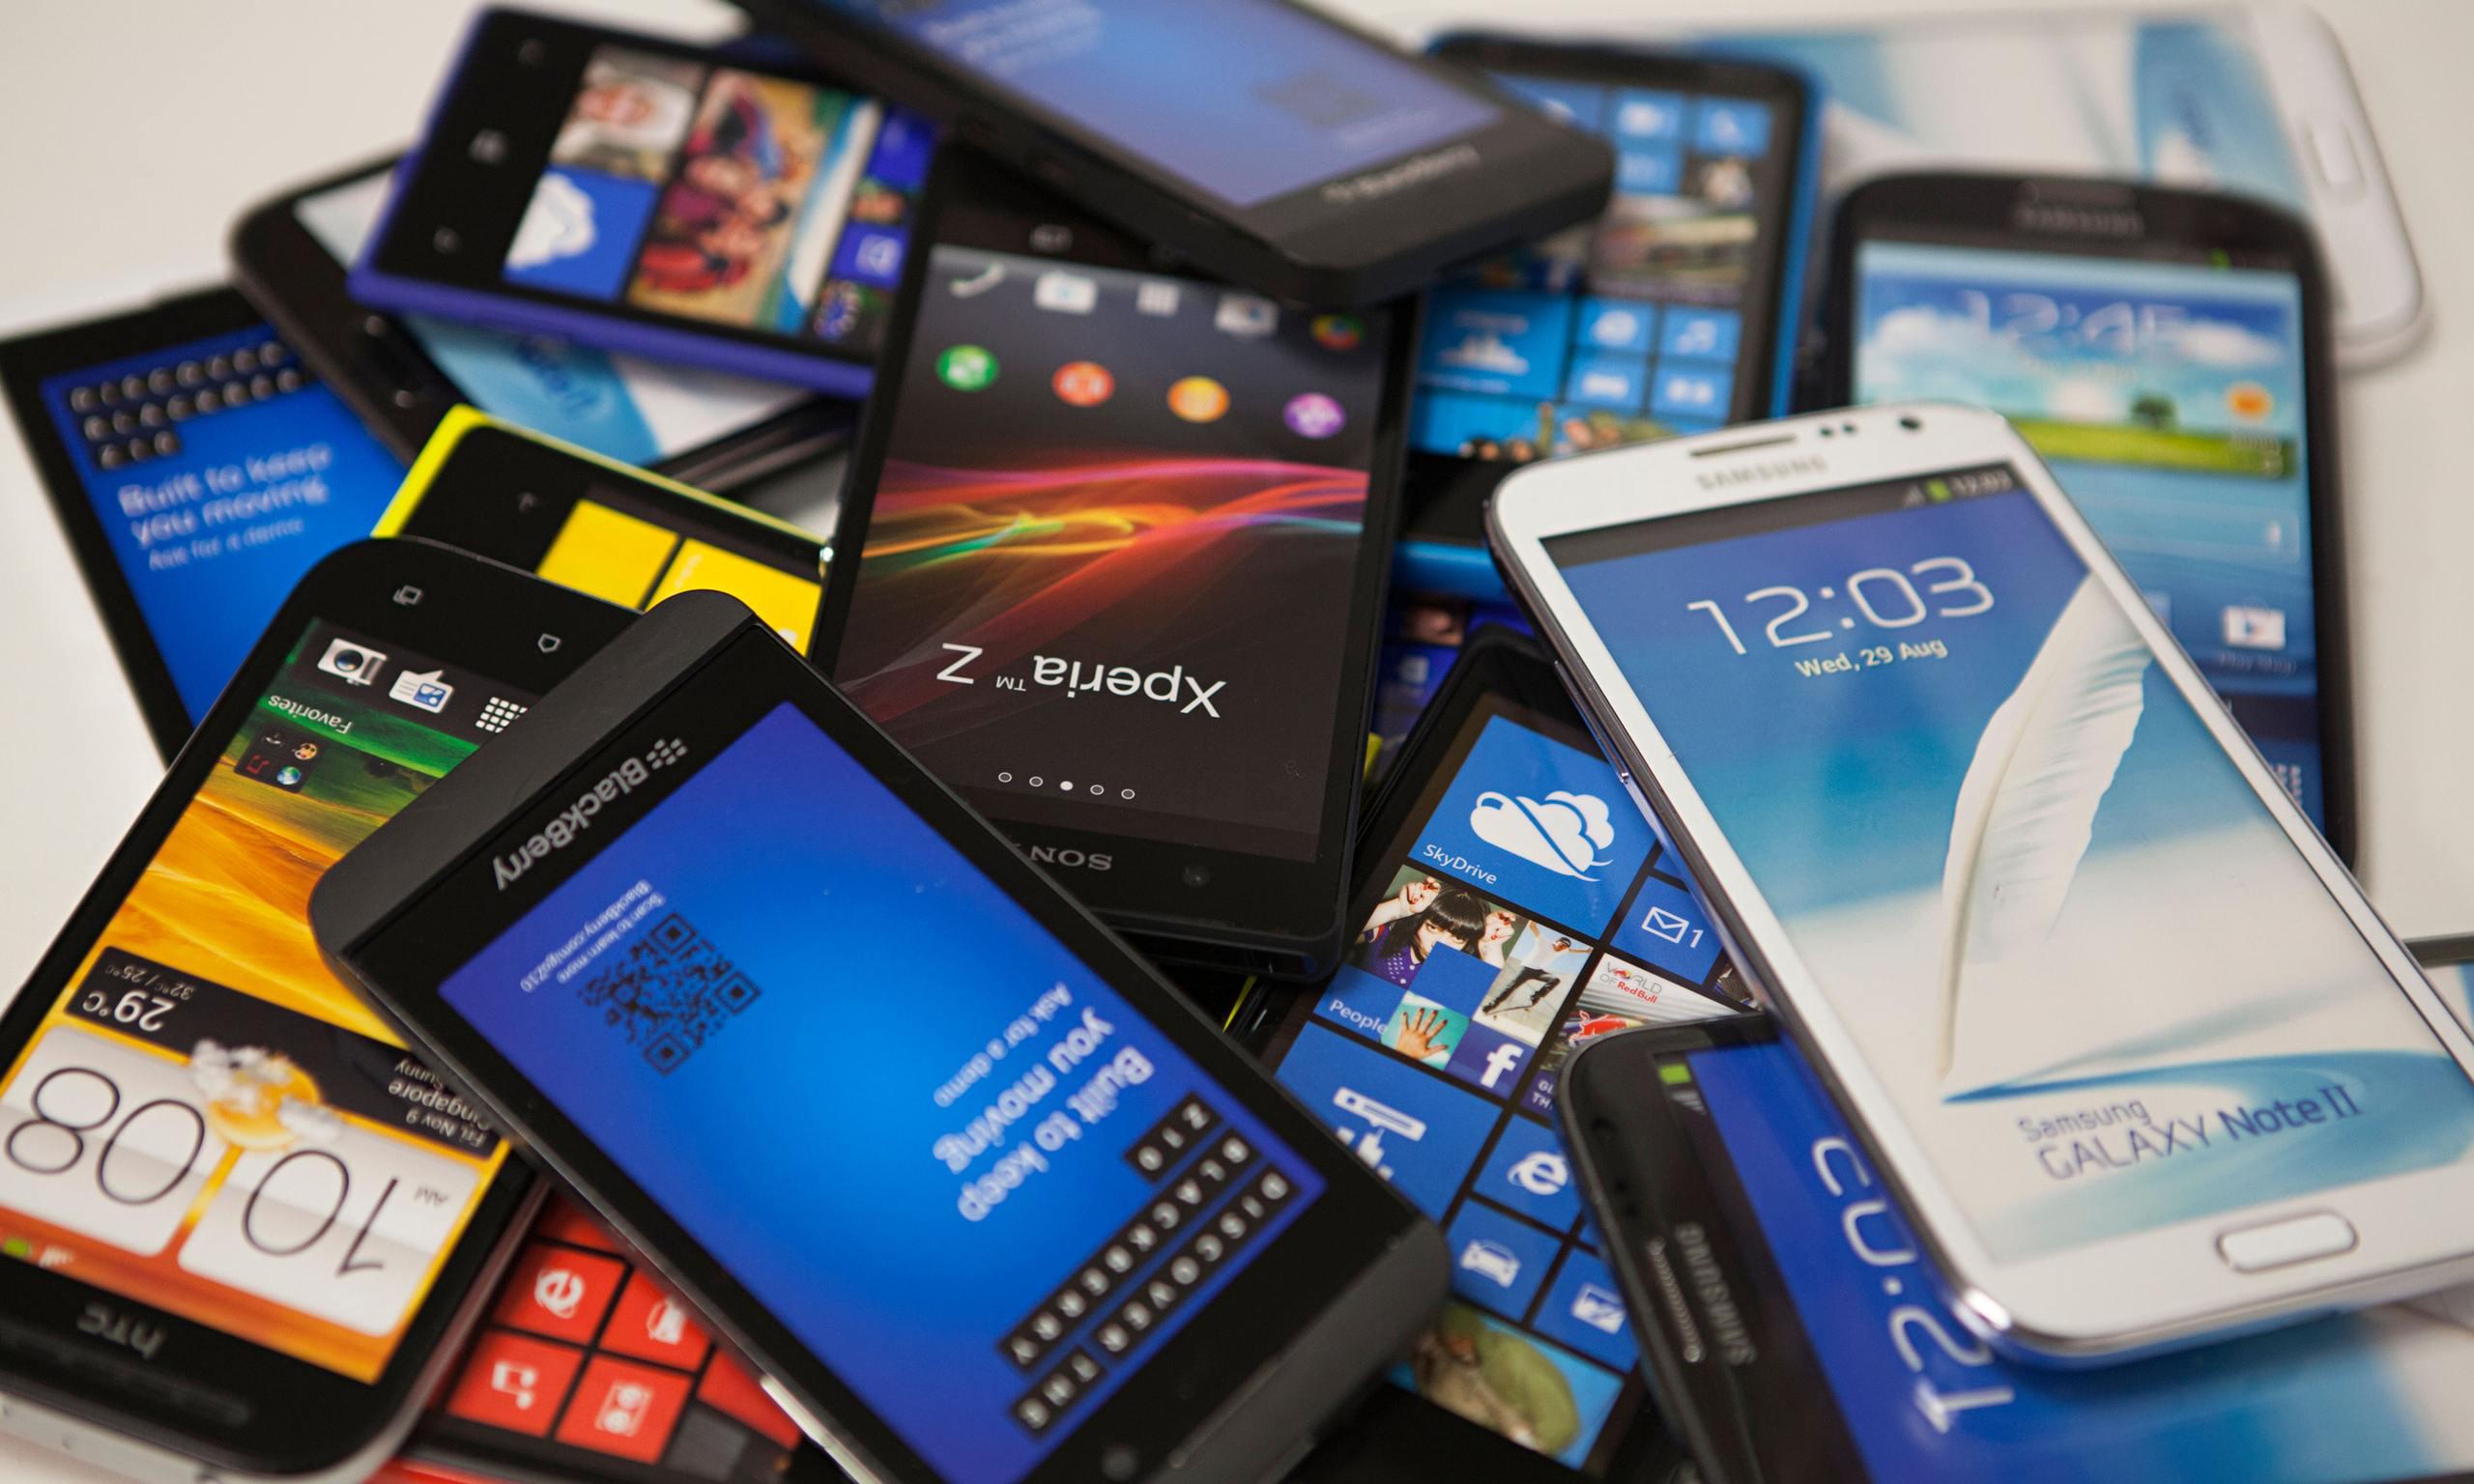 Risparmia sui regali con i migliori smartphone economici e scontati sotto i 200 euro